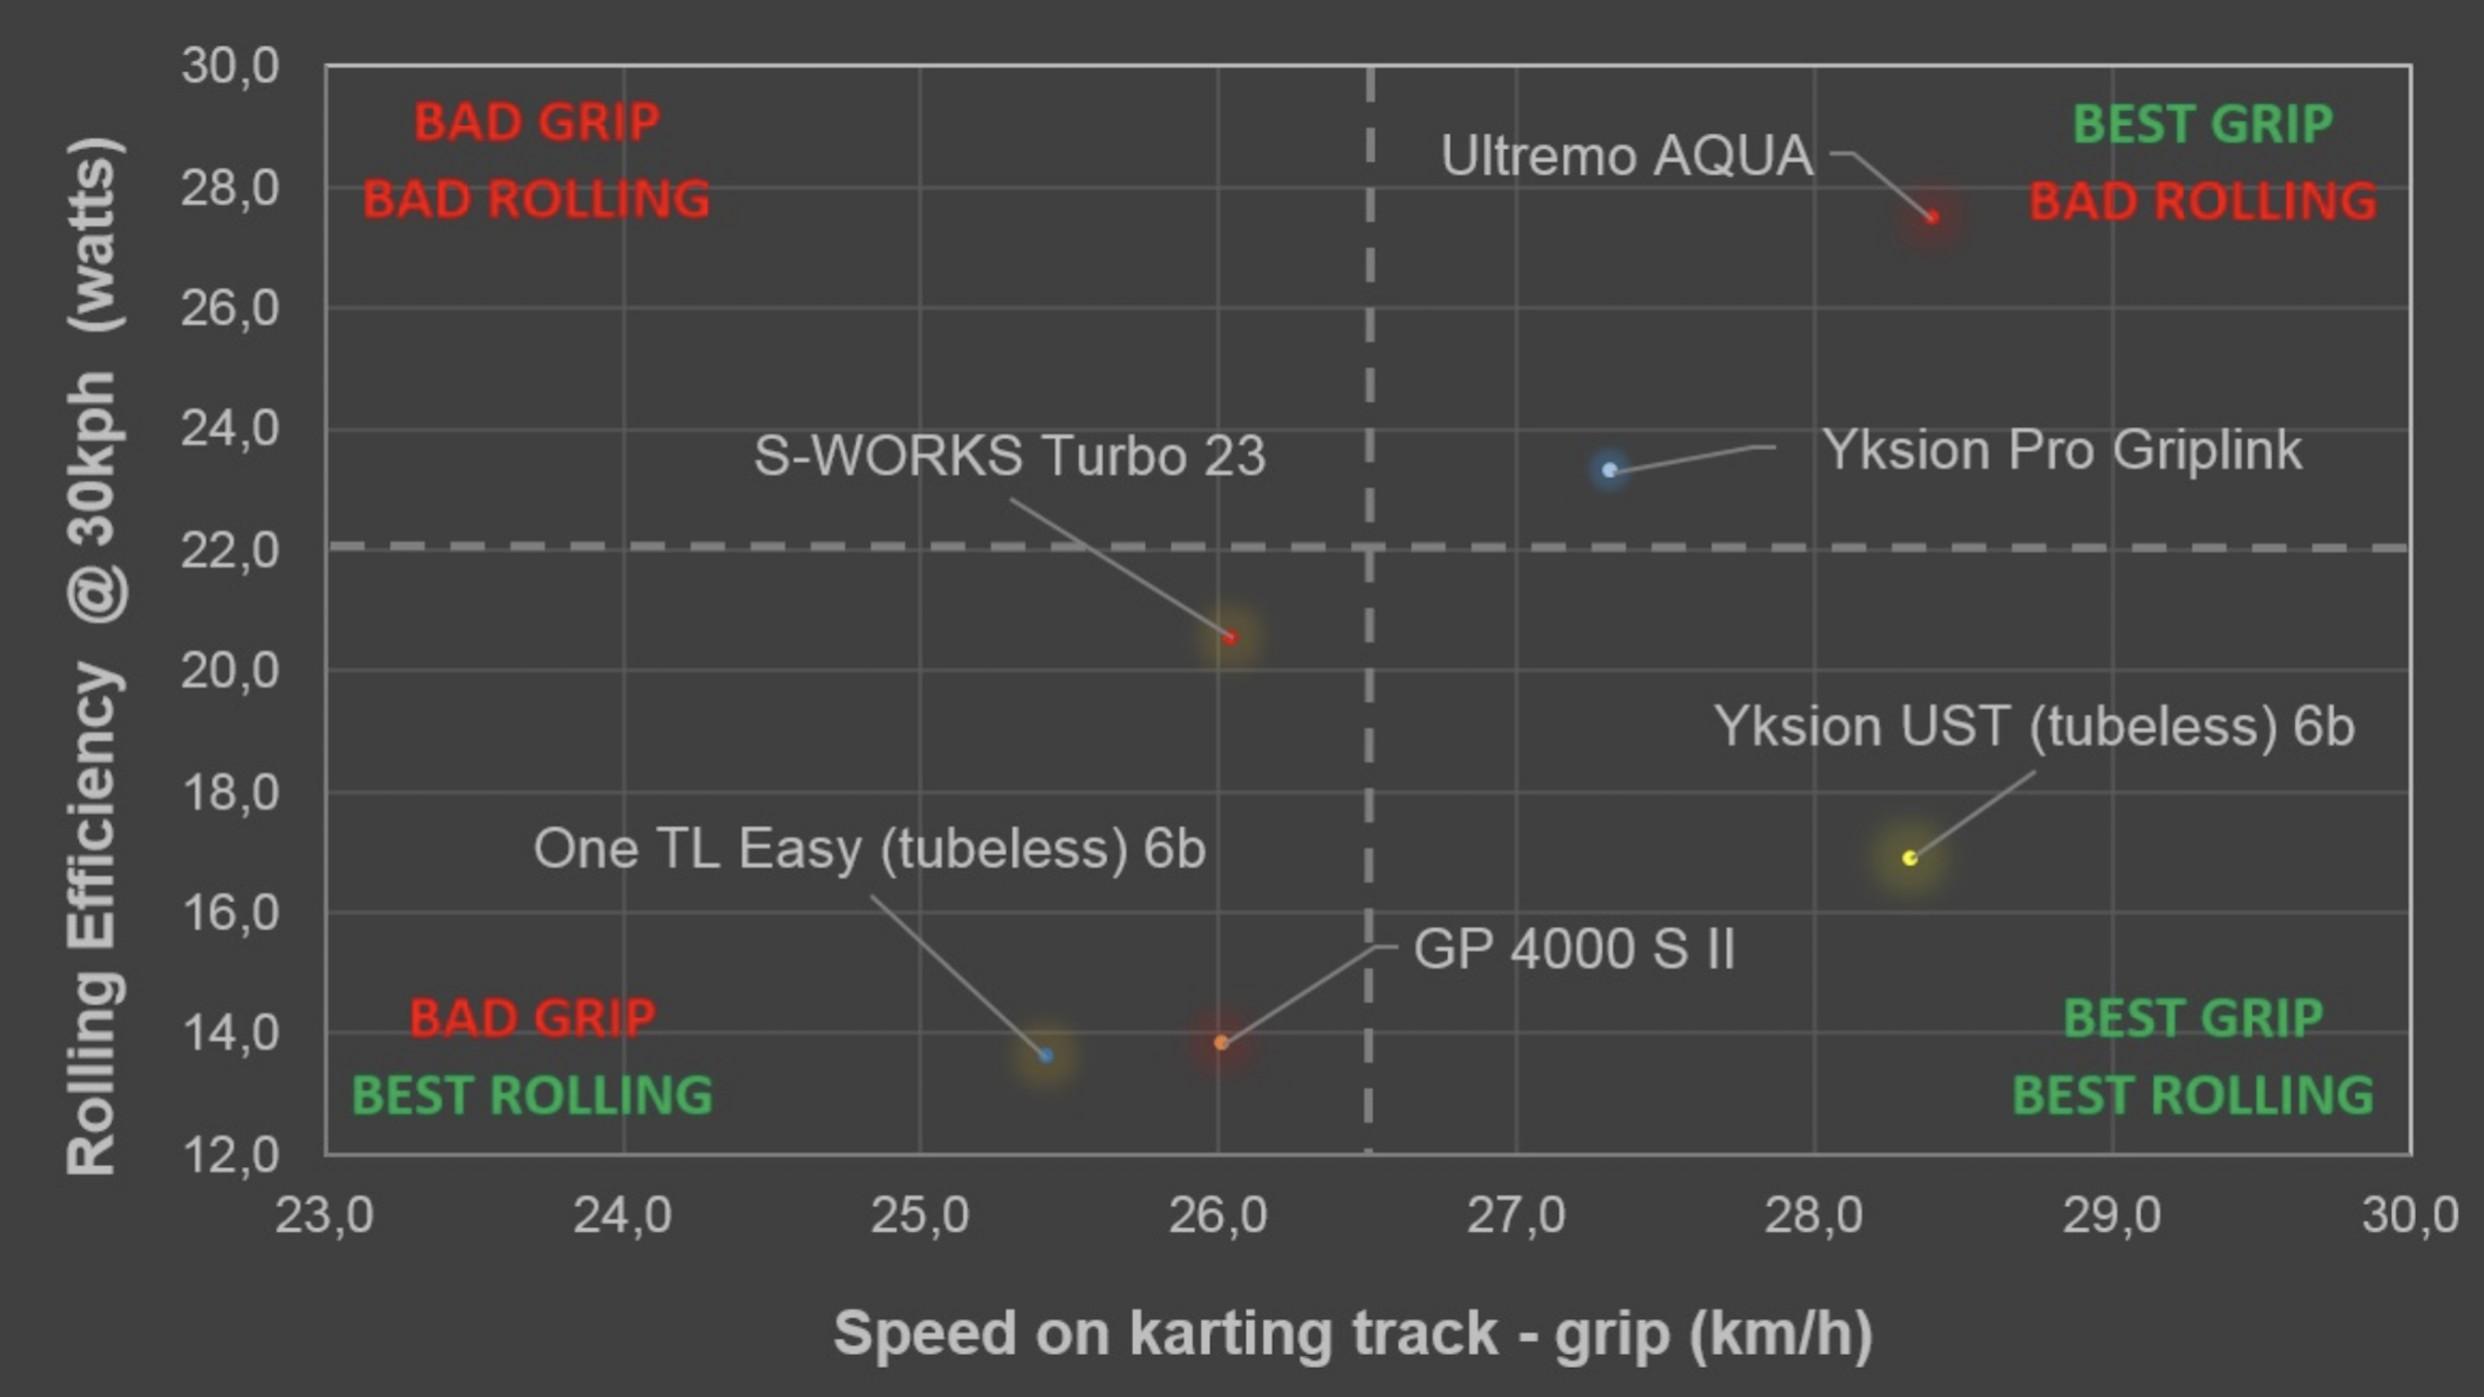 Die Grafik zeigt einen Auszug aus Mavics internen Messungen, die sich großteils mit unserem Popometer decken. An der Y-Achse der gemessene RoWi bei 30 km/h, an der X-Achse als Parameter für den Grip die maximale Geschwindikgeit, bis zu welcher der Testpilot eine standardisierte, nasse Li-Re Kombination noch fahren konnte. Ohne Bestätigung zu haben, gehen wir davon aus, dass alle Reifen bis auf den ausdrücklich als 23 mm ausgewiesenen S-Works in 25 mm getestet wurden. Dies erklärt wohl auch das etwas schwächere Abschneiden des Speci-Pneus. Der Benchmark-Reifen GP 4000S II von Conti (wohl mit Schlauch) und der Schwalbe One TL Easy liegen im RoWi vor dem Yksion PRO UST, selbiger kann sich allerdings im Grip absetzen. Gegenüber dem Non-UST Modell zeigt sich ein deutlich geringerer RoWi. Mavic räumt ein, diesen Grip-Vorteil nur unter nassen Bedingungen ausspielen zu können. Im Trockenen schenken sich die High-Performance Reifen aller Hersteller wenig, und der Speed im Parcours wird eher durch das Fahrkönnen des Piloten bestimmt.